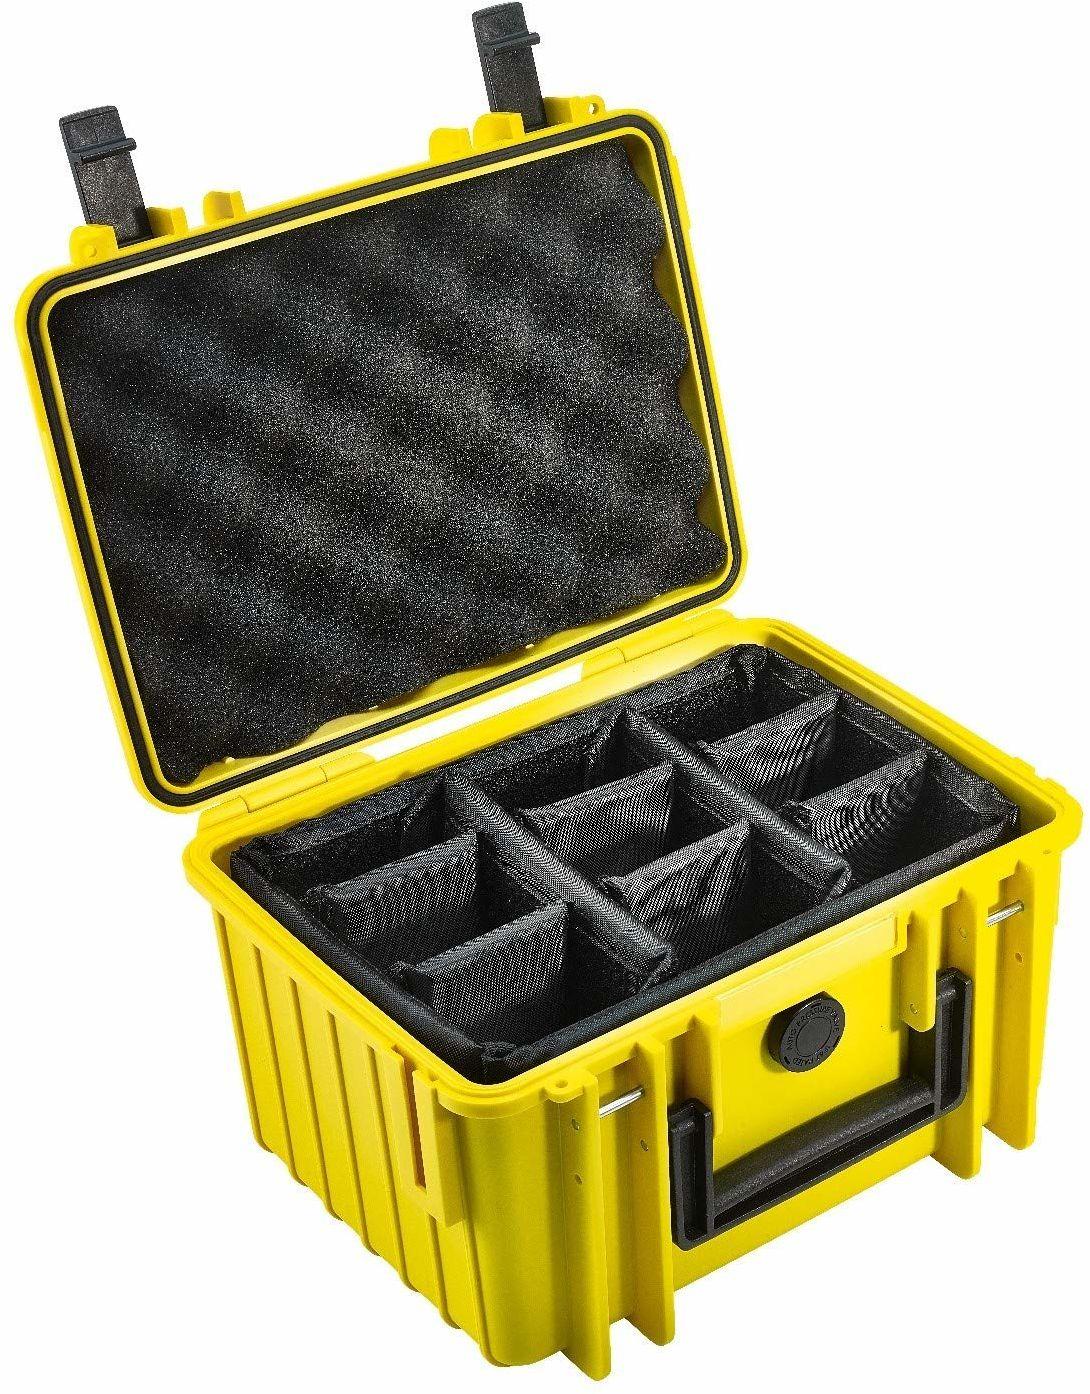 B&W Outdoor Case pokrowiec twardy typ 2000 z przegródką, możliwość dostosowania (twarda walizka IP67, wodoszczelna, wymiary wewnętrzne 25 x 17,5 x 15,5 cm, żółty)